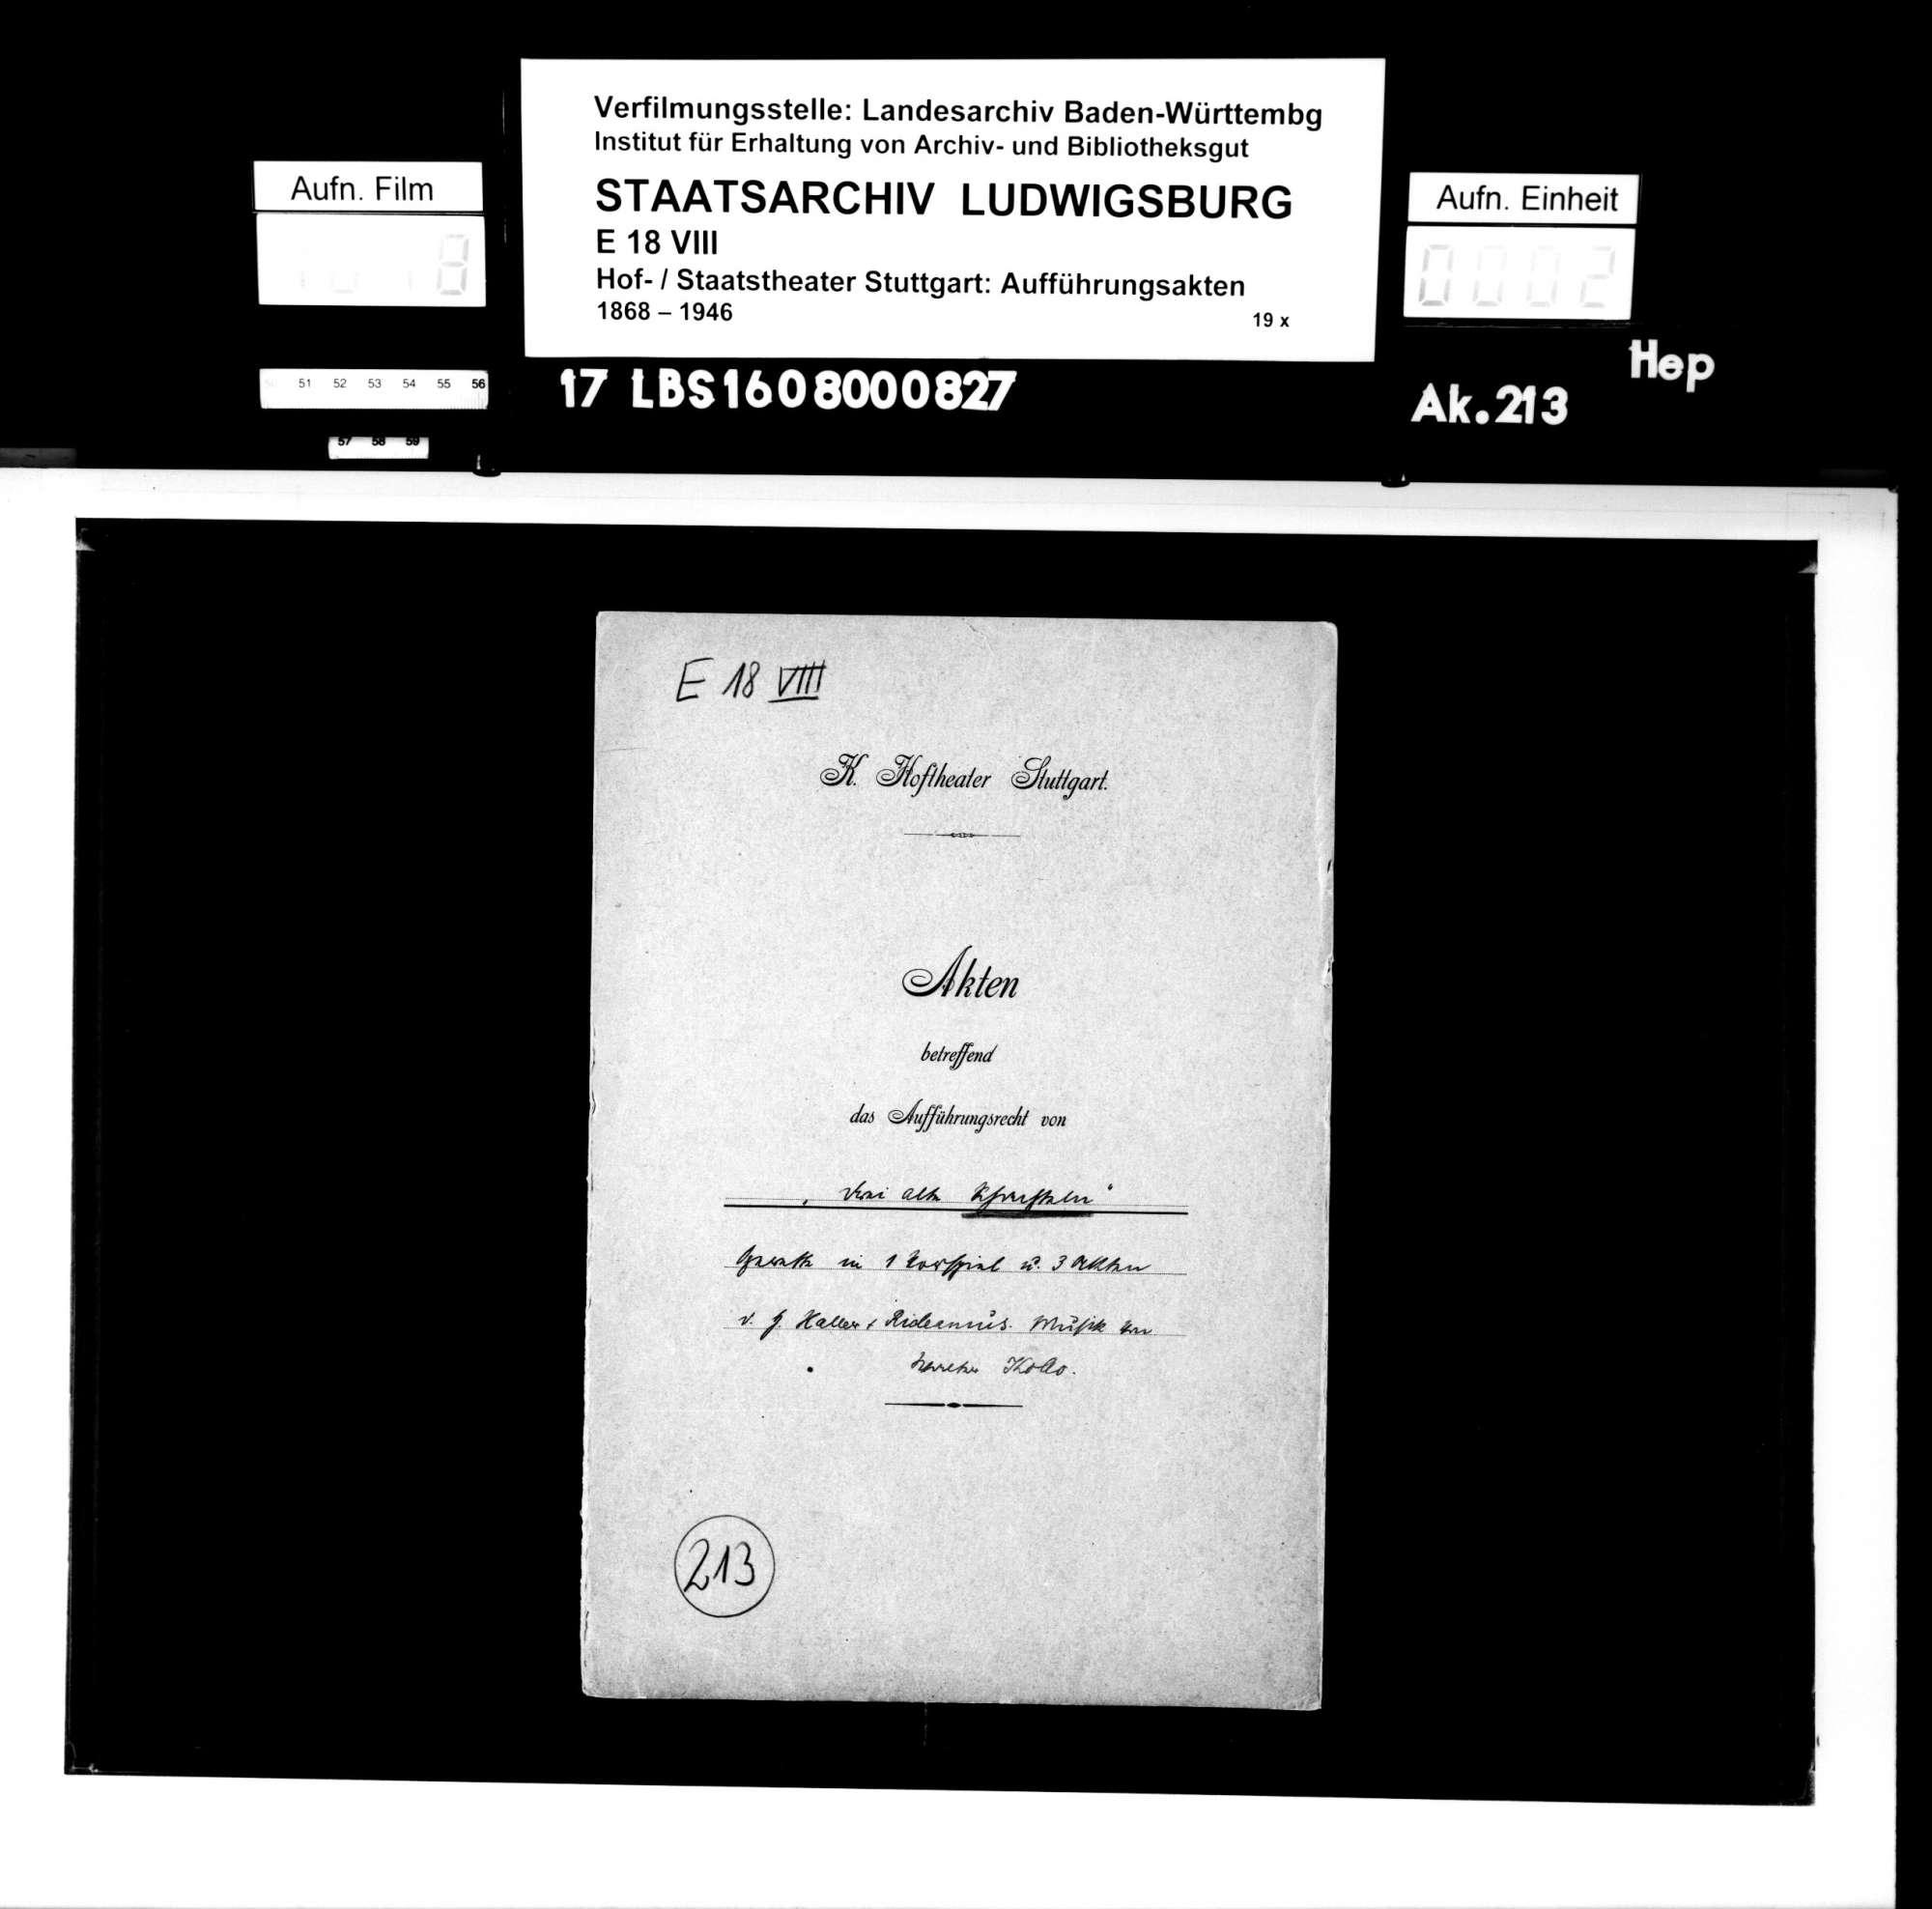 Drei alte Schachteln. Operette von Hermann Haller und Rideamus (= Fritz Oliven). Musik: Walter Kollo, Bild 1